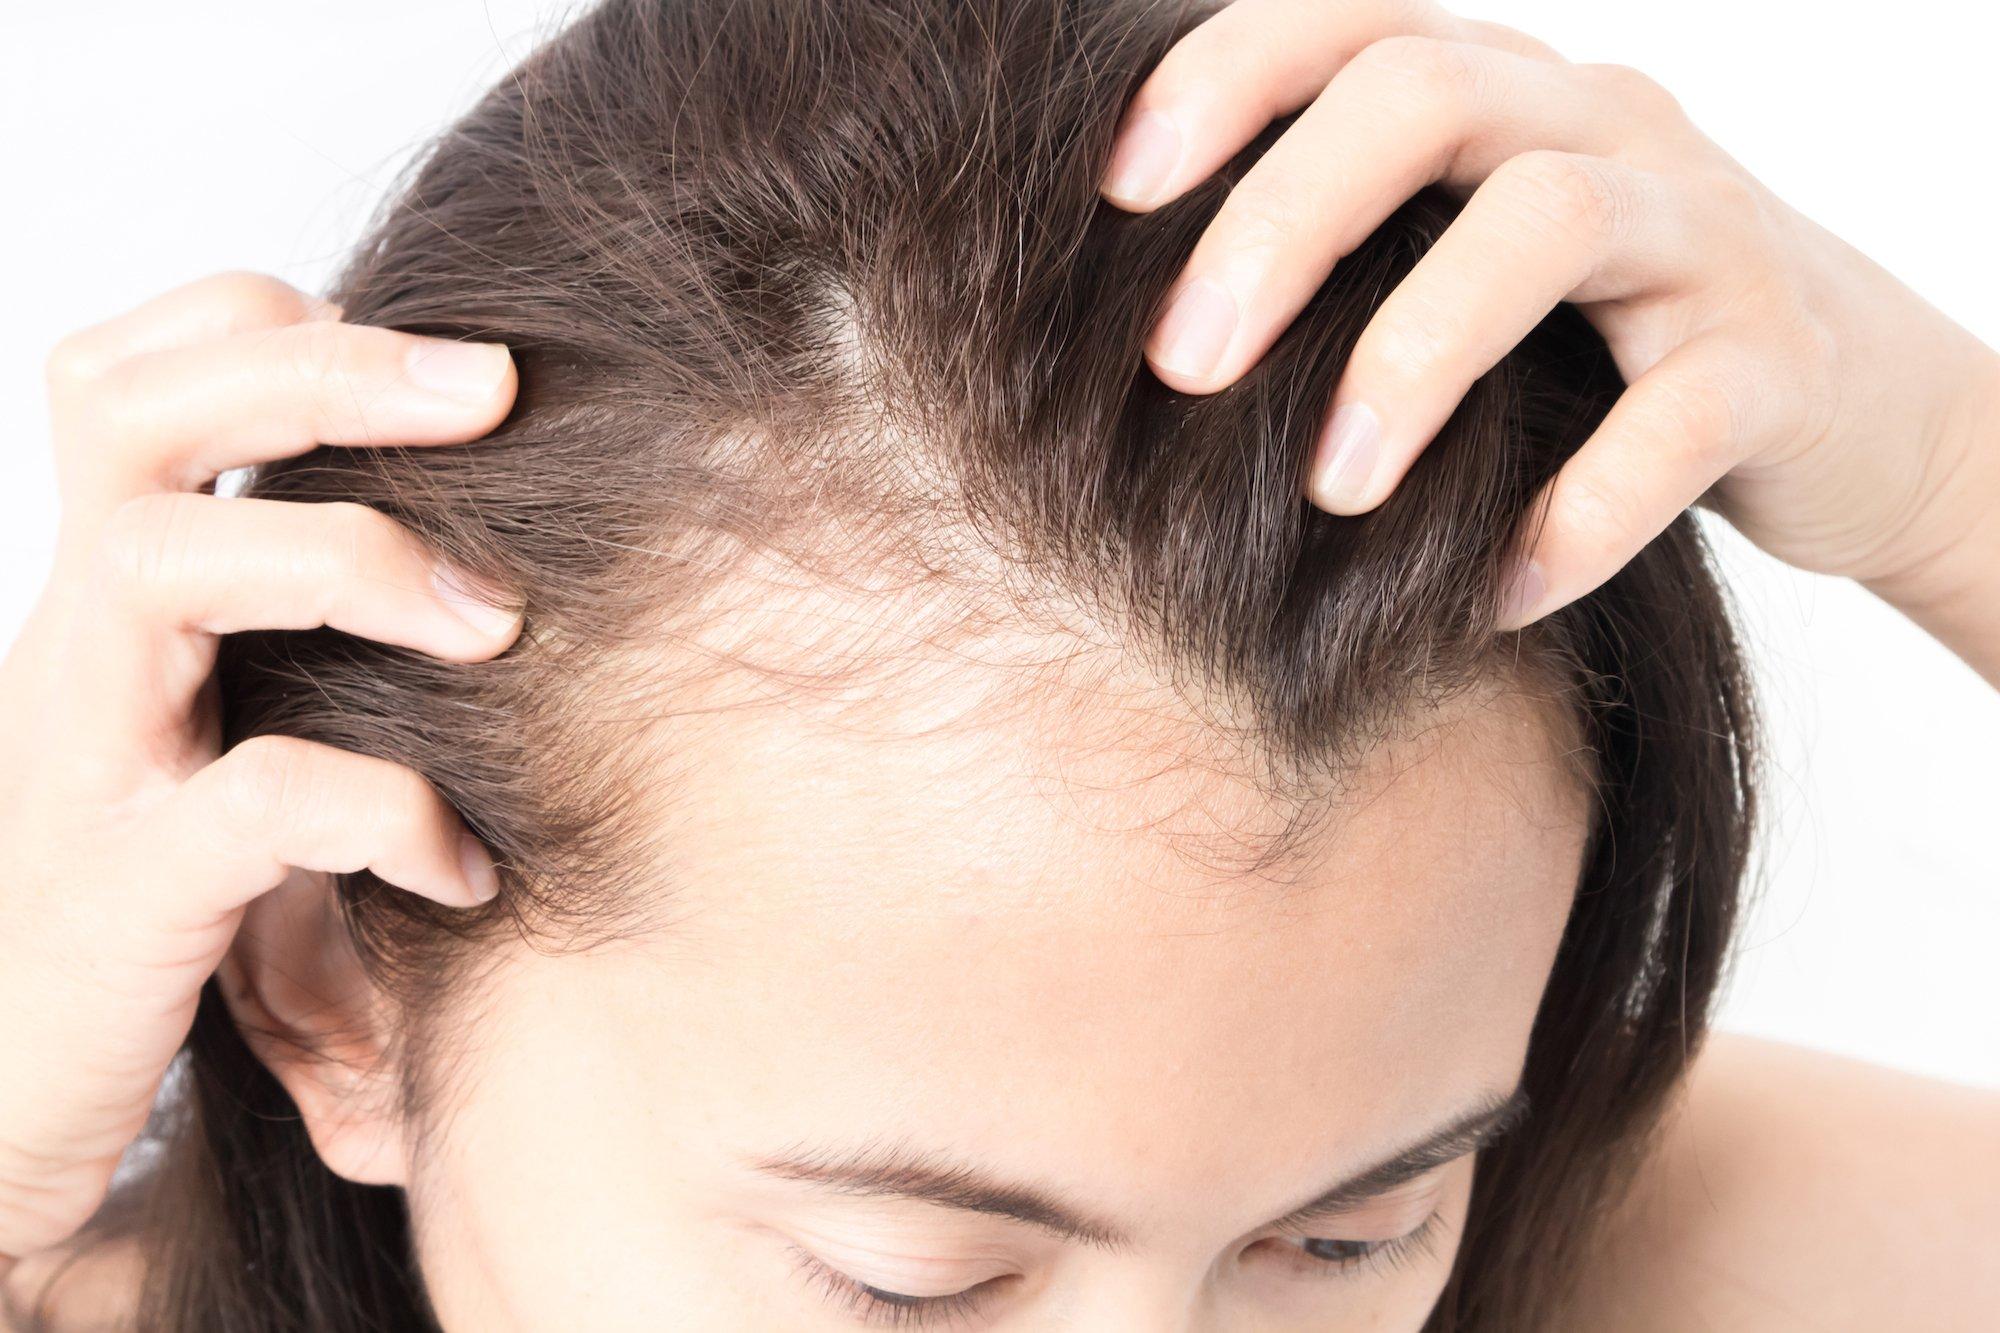 Garis rambut akibat kerontokan